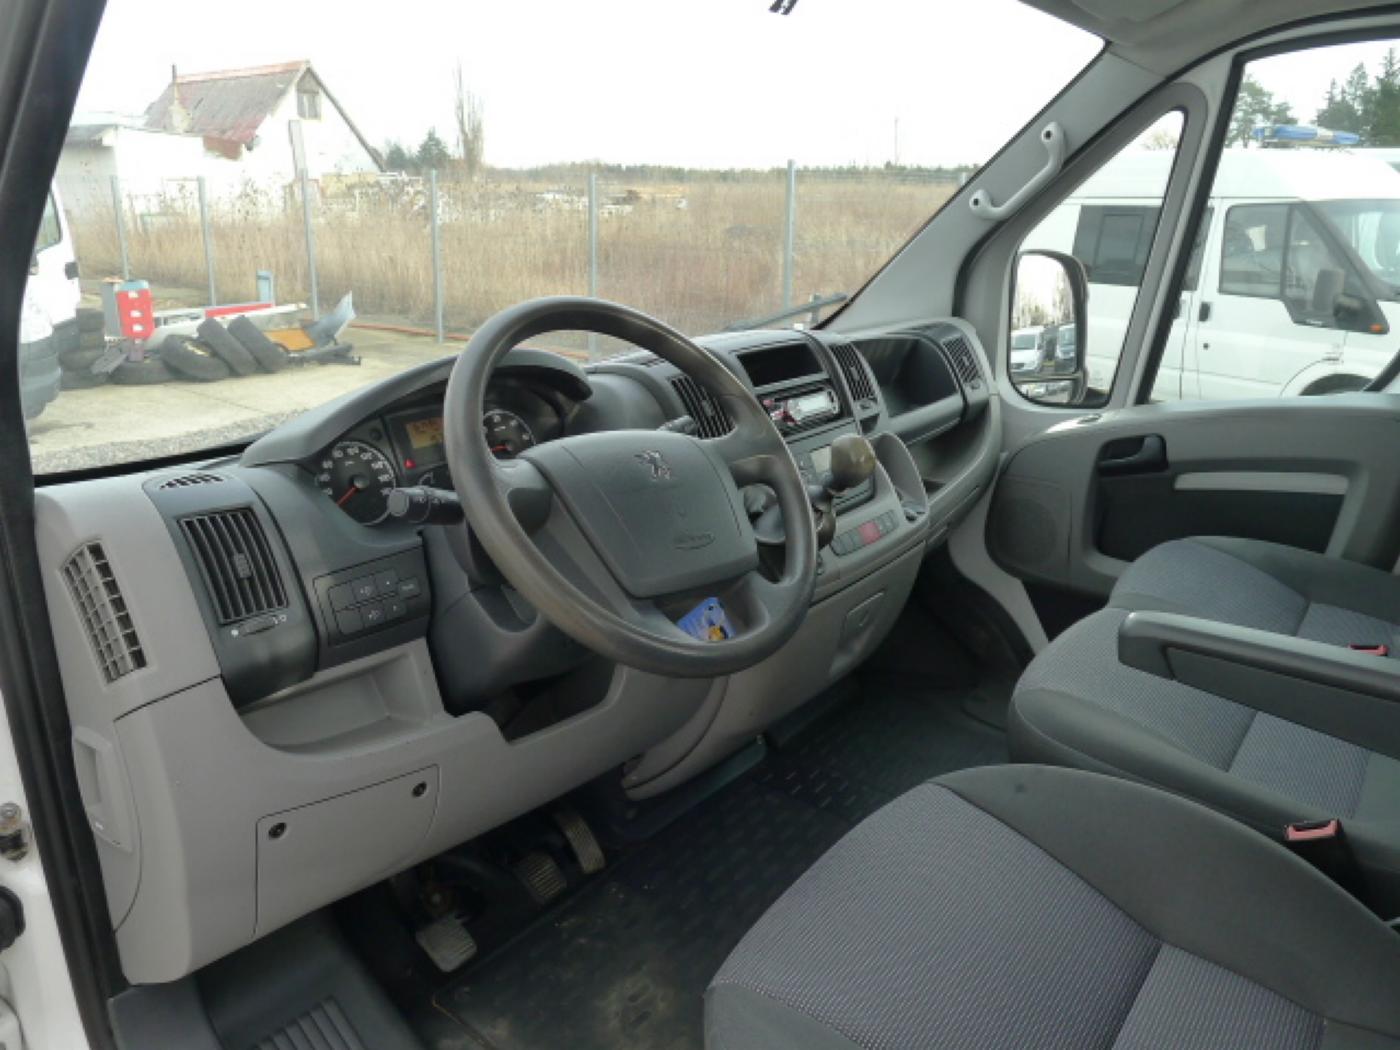 Peugeot Boxer 2,2 HDI valník + klima Akce!!! - 7